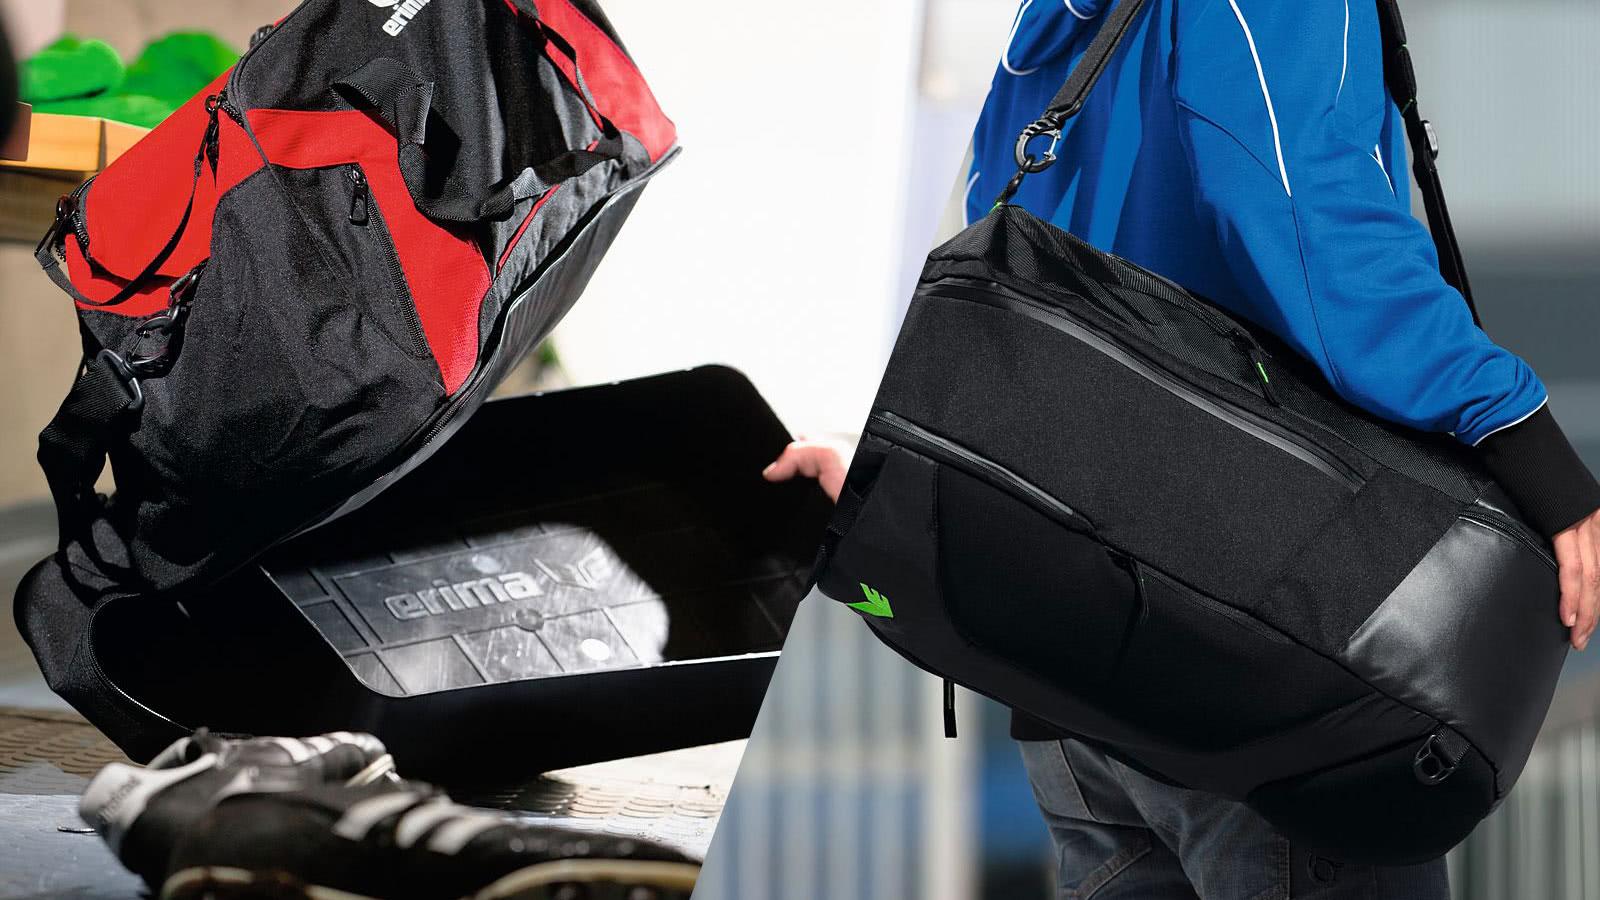 sporttasche mit oder ohne bodenfach welche ist die. Black Bedroom Furniture Sets. Home Design Ideas